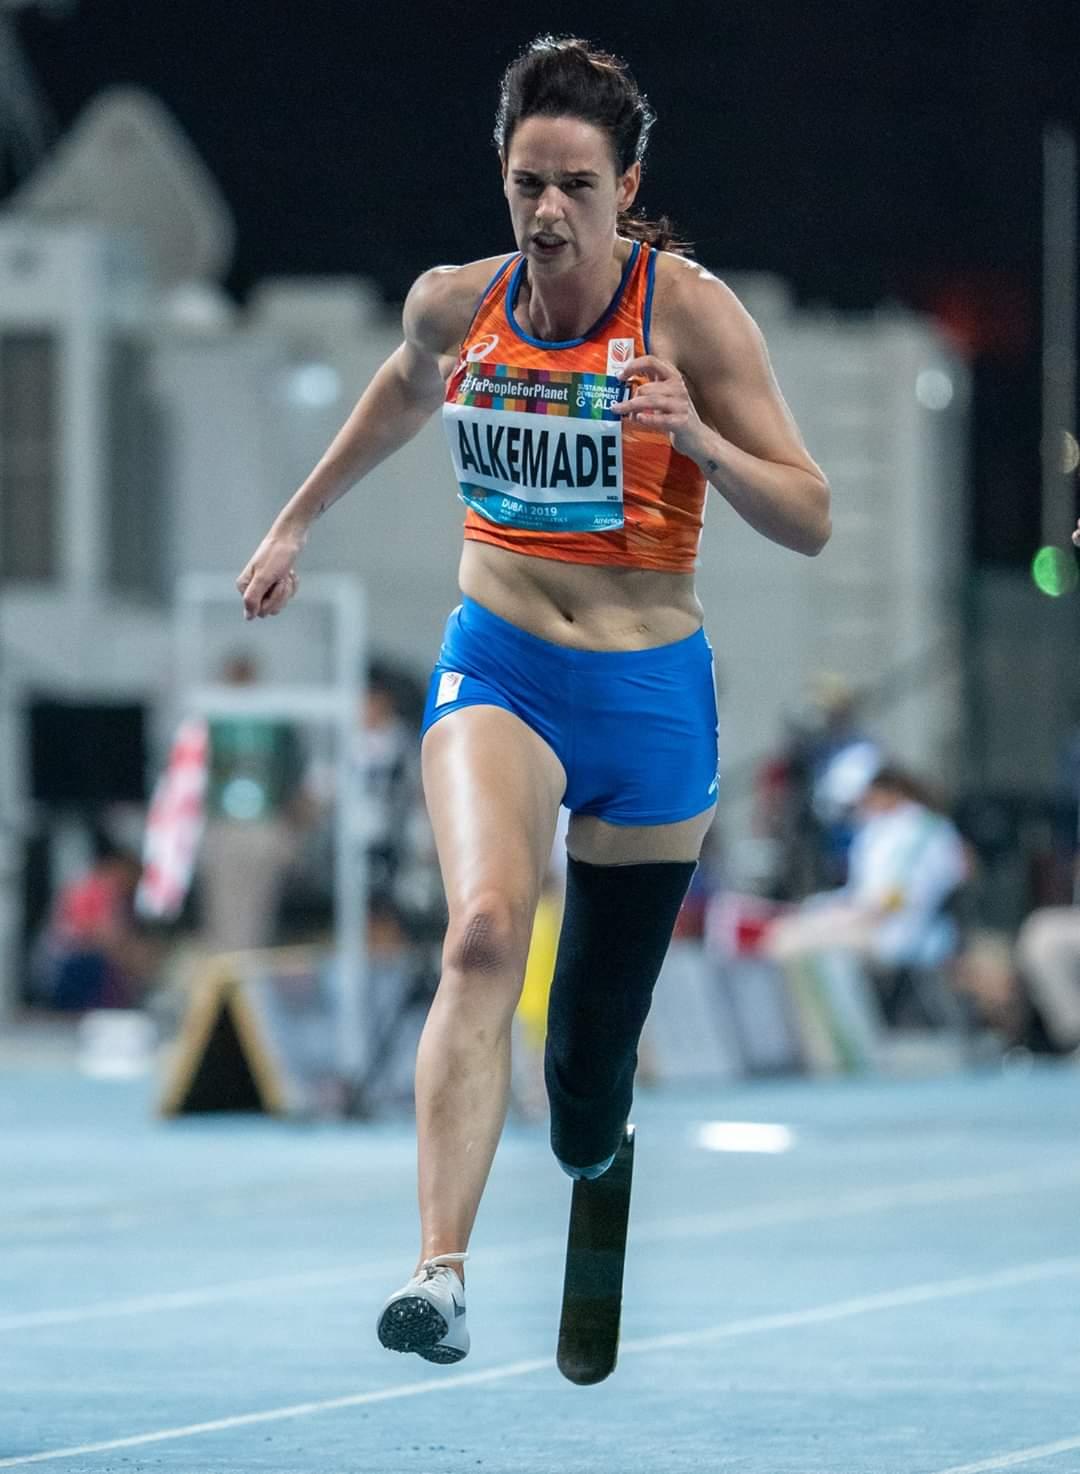 Brabants Dagblad: Tokio lonkt voor para-atlete Kimberly Alkemade: 'Ik wil me niet langer verstoppen'